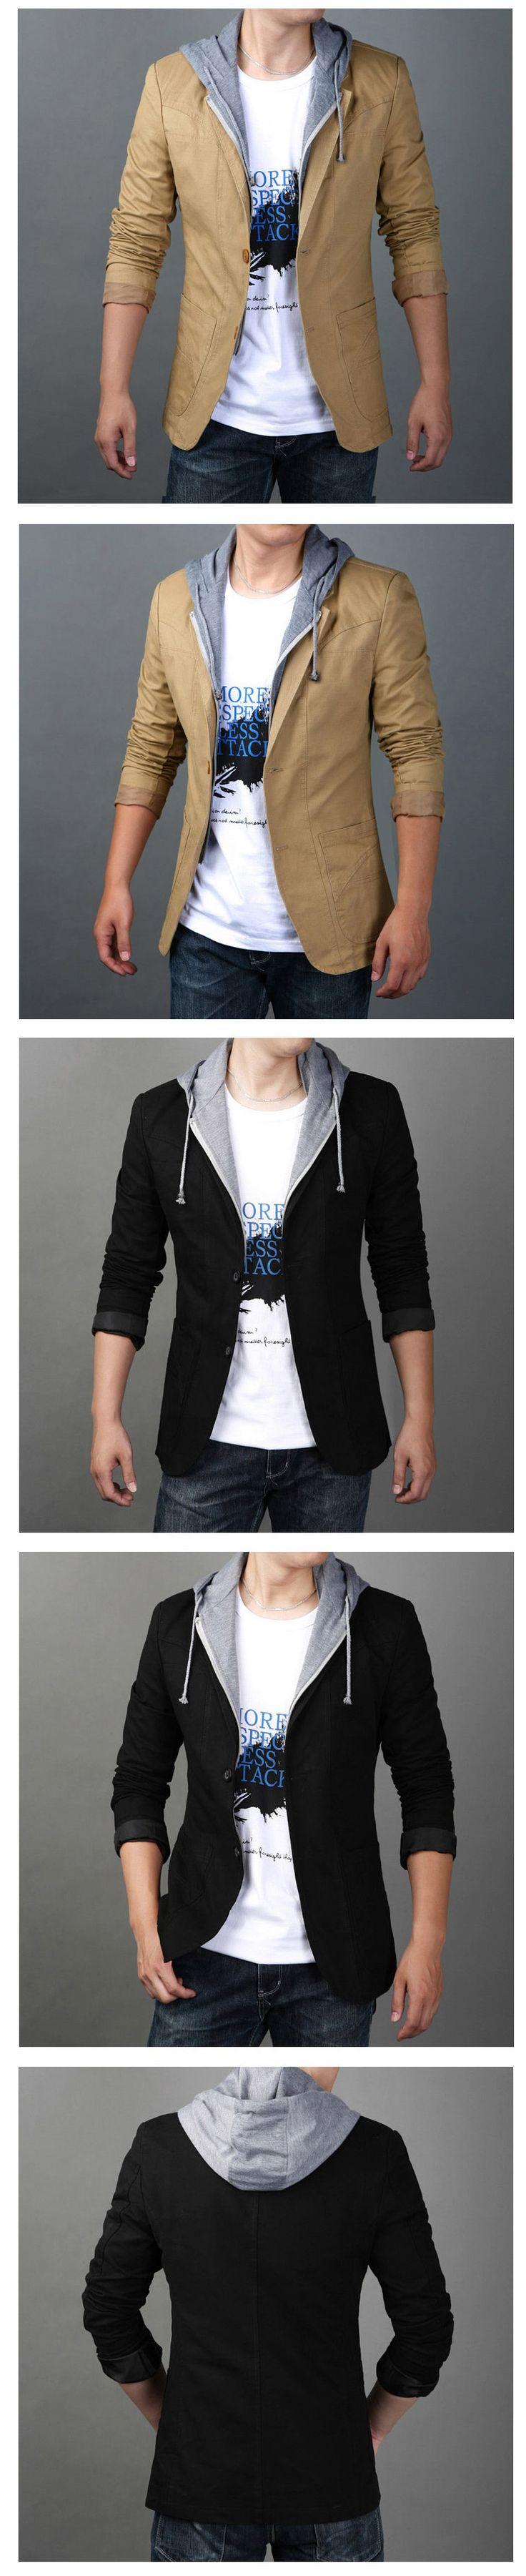 Новый 2015 весна и осень мужской пиджак тонкий Большой размер с капюшоном свободного покроя пиджак даже шляпу костюм с капюшоном костюм отдыха т 010 купить на AliExpress